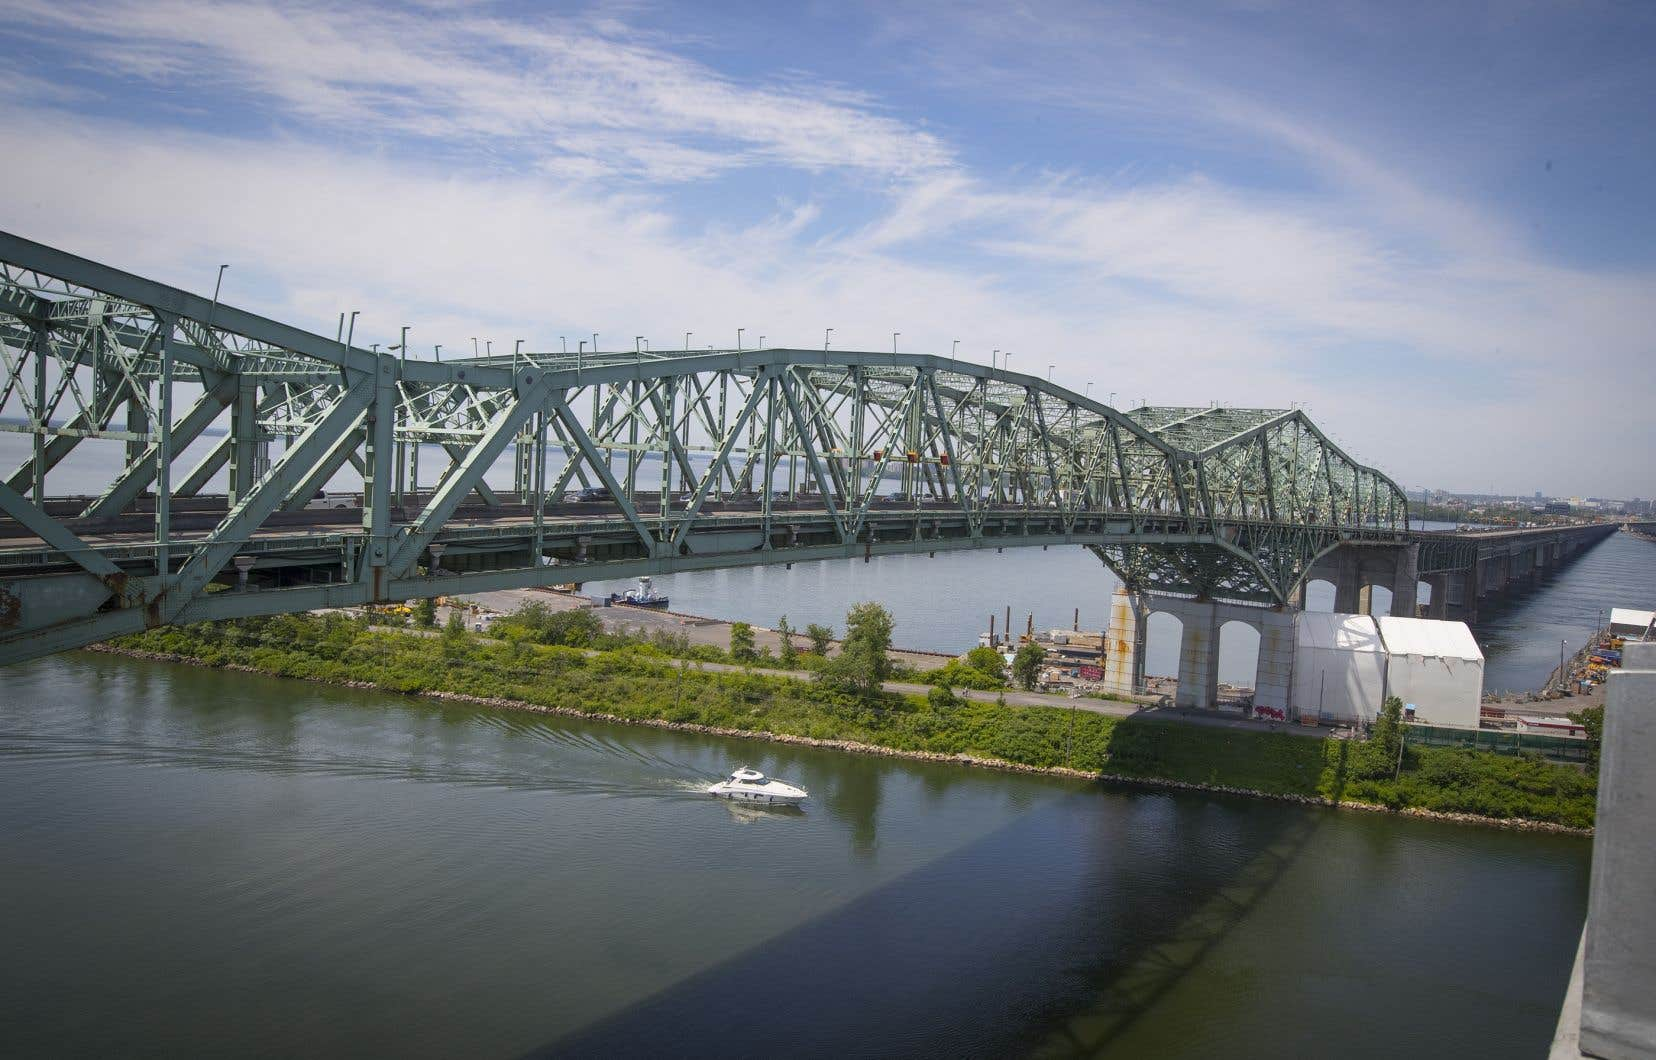 La déconstruction de l'«ancien» pont Champlain devait initialement durer trois ans, mais la pandémie a forcé la PJCCI à revoir son échéancier. Il lui a aussi fallu tenir compte de la période de fraie des poissons et des contraintes liée à la voie maritime.